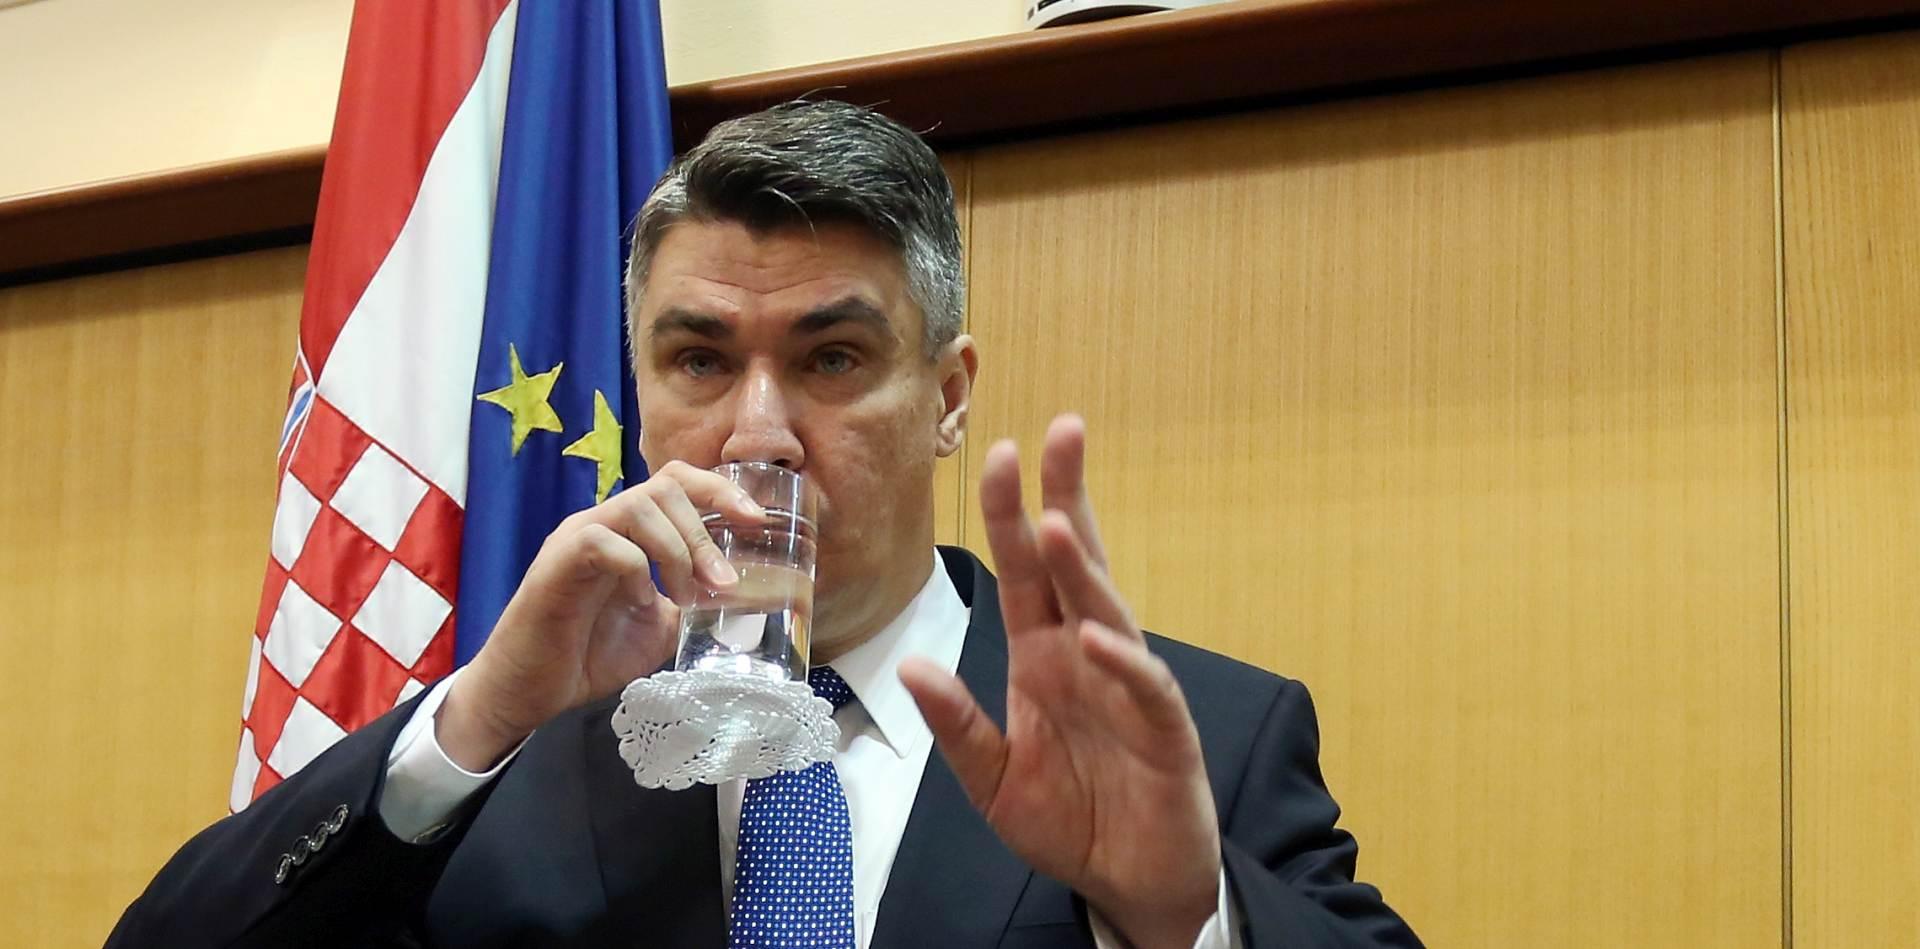 CRO DEMOSKOP: SDP-ova koalicija skoro prestigla HDZ-ovu, MOST Bože Petrova treći